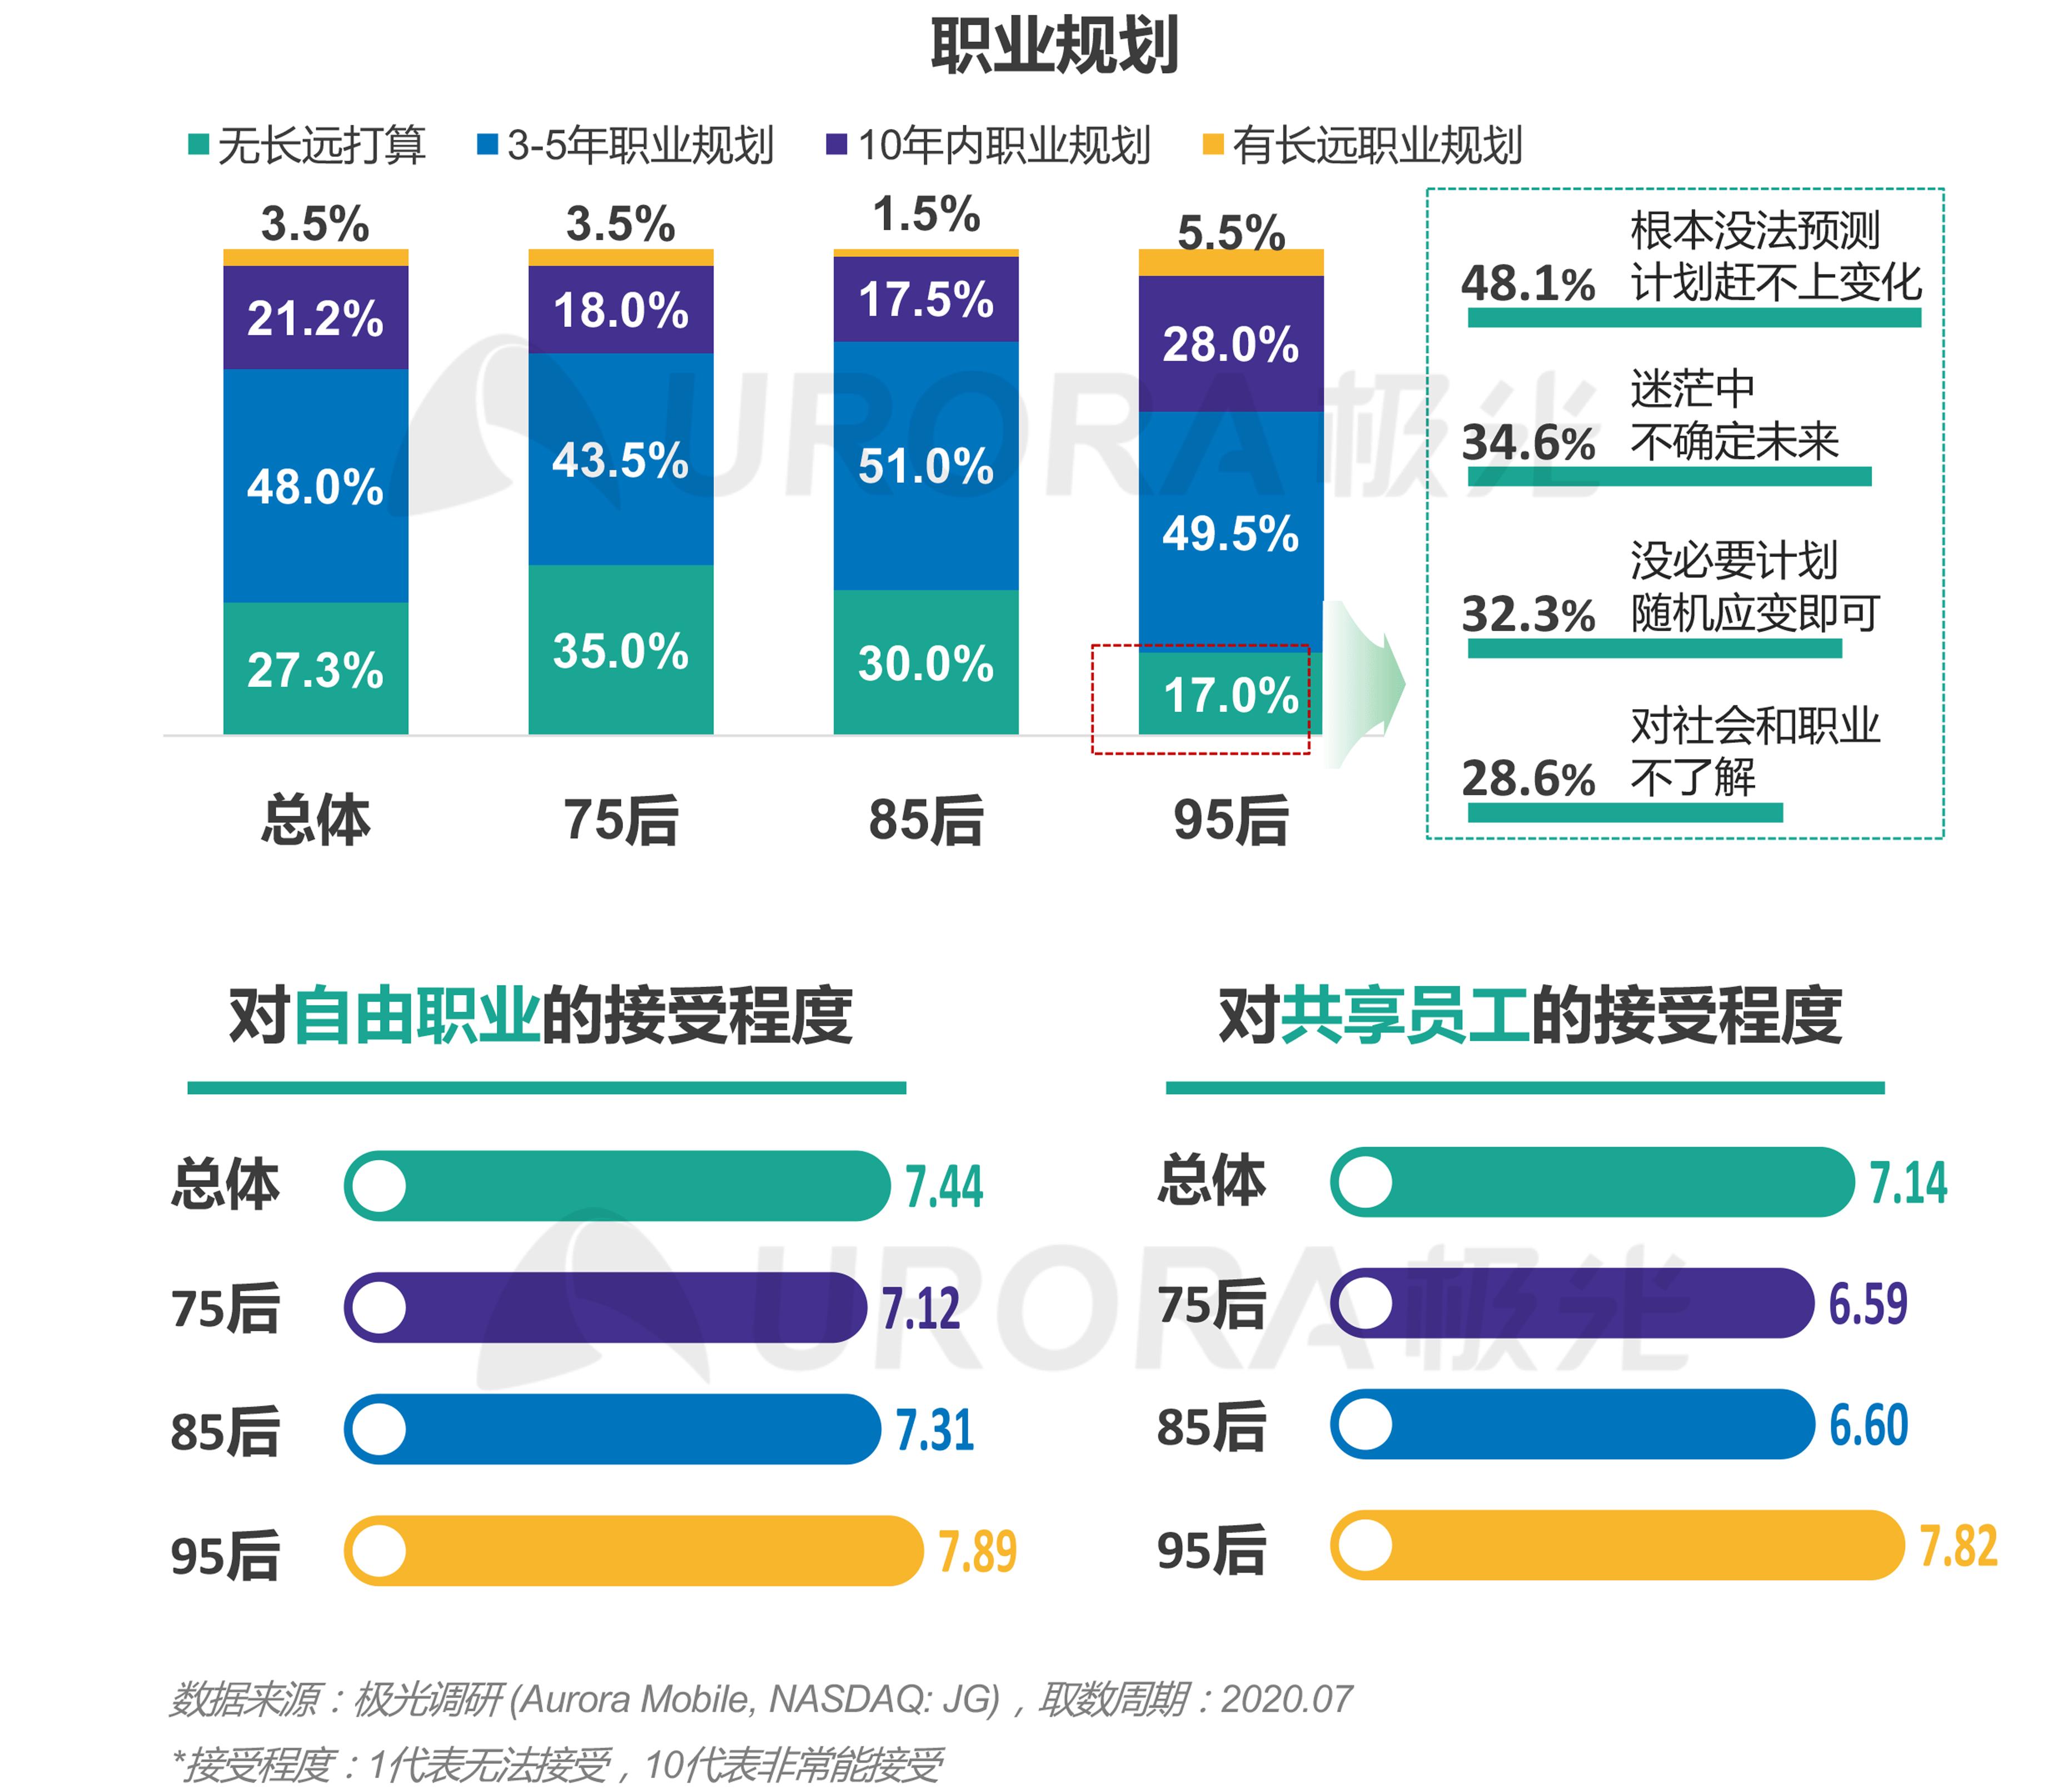 """""""超职季""""招聘行业报告-汇总版 (26).png"""